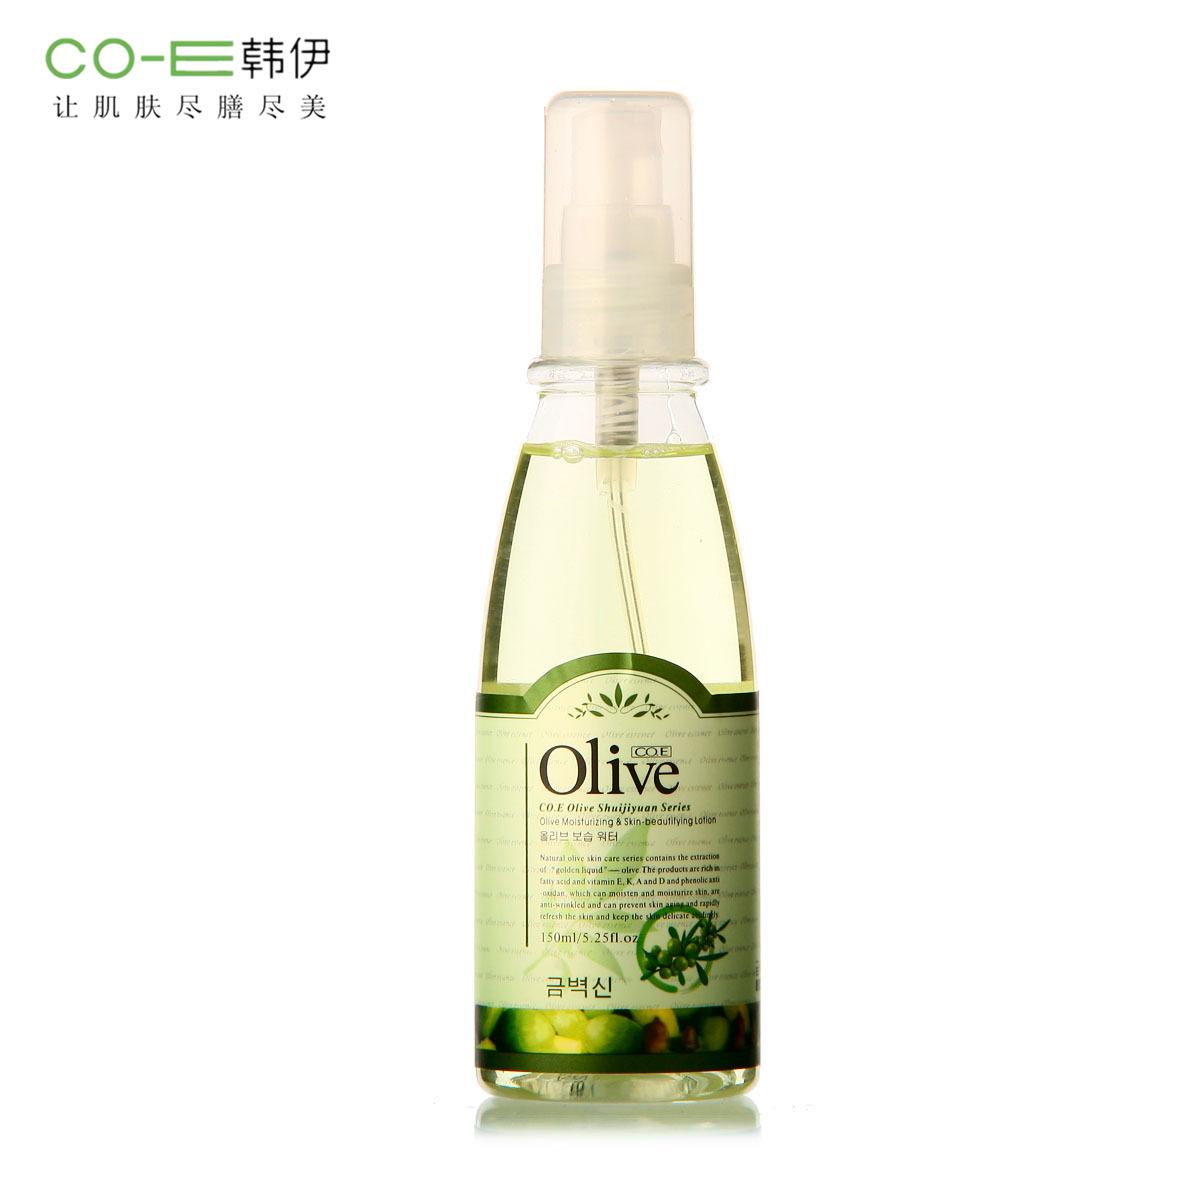 韩伊橄榄保湿美肌水150ml补水控油爽肤水 收毛孔保湿 护肤化妆水